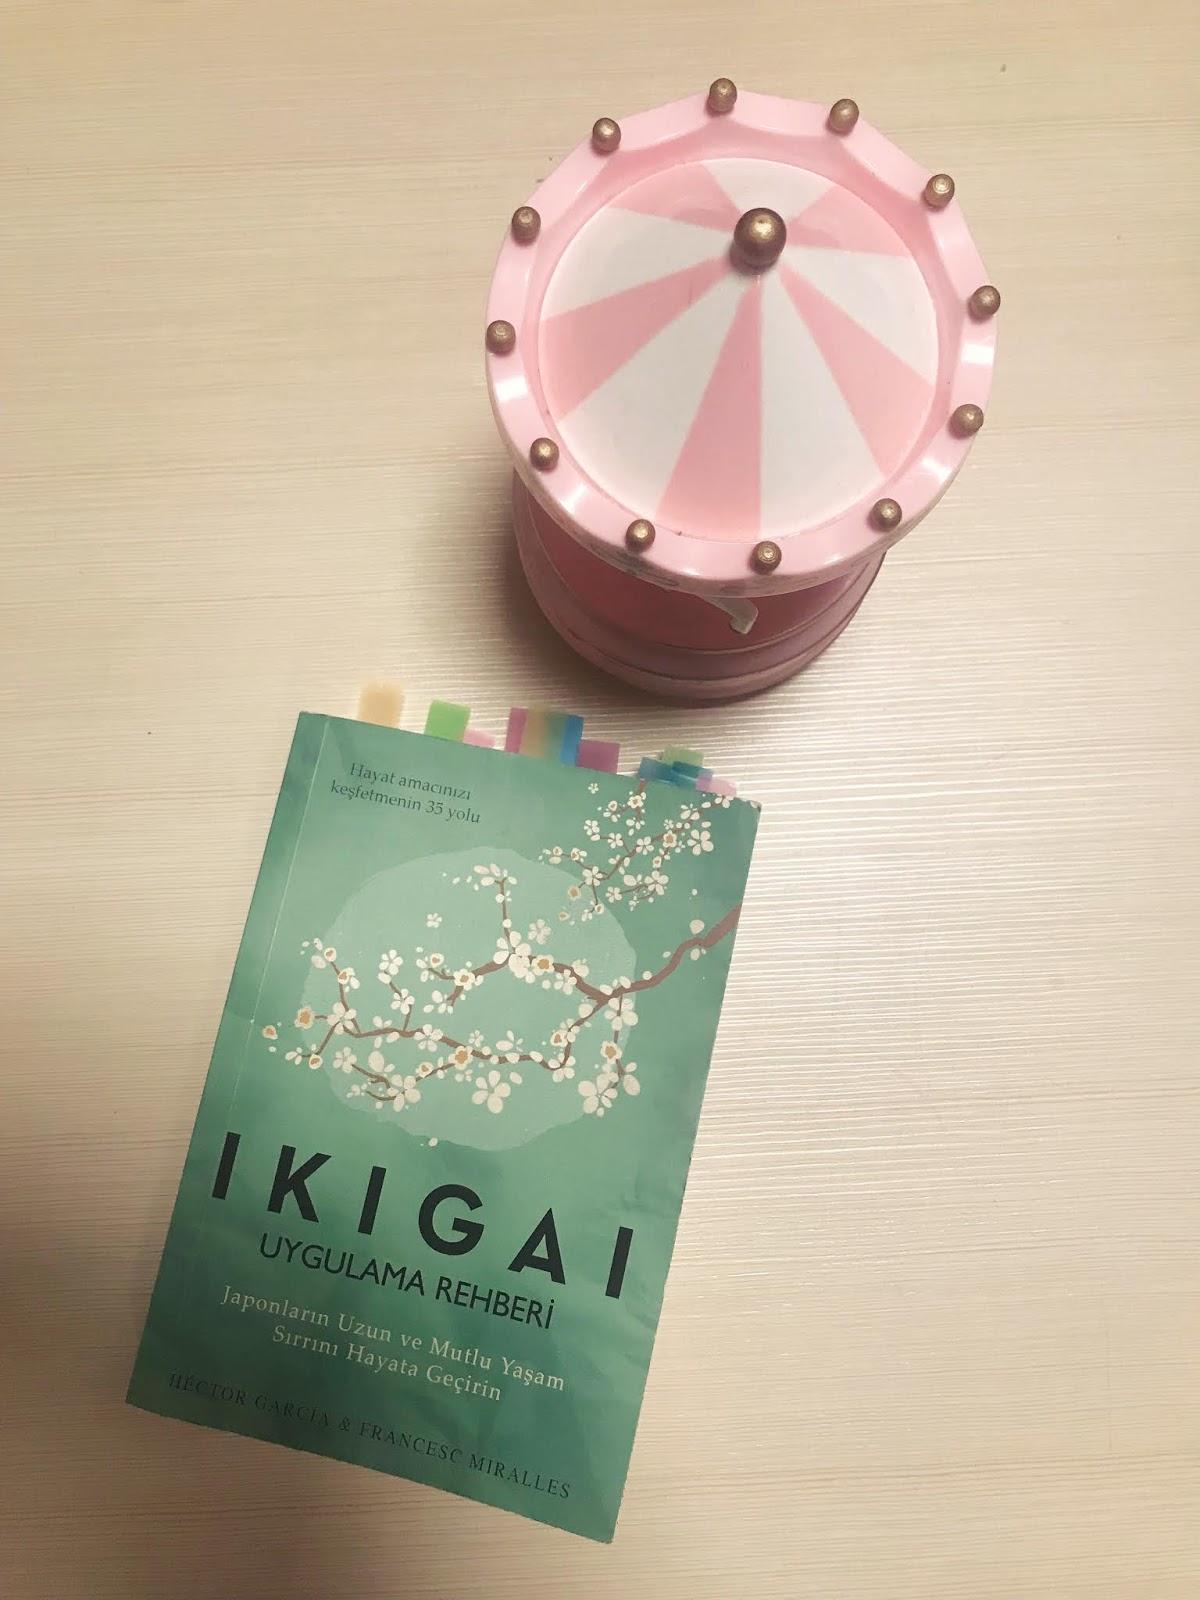 Ikigai Uygulama Rehberi - Japonlarin Uzun ve Mutlu Yasam Sirrini Hayata Gecirin (Kitap)